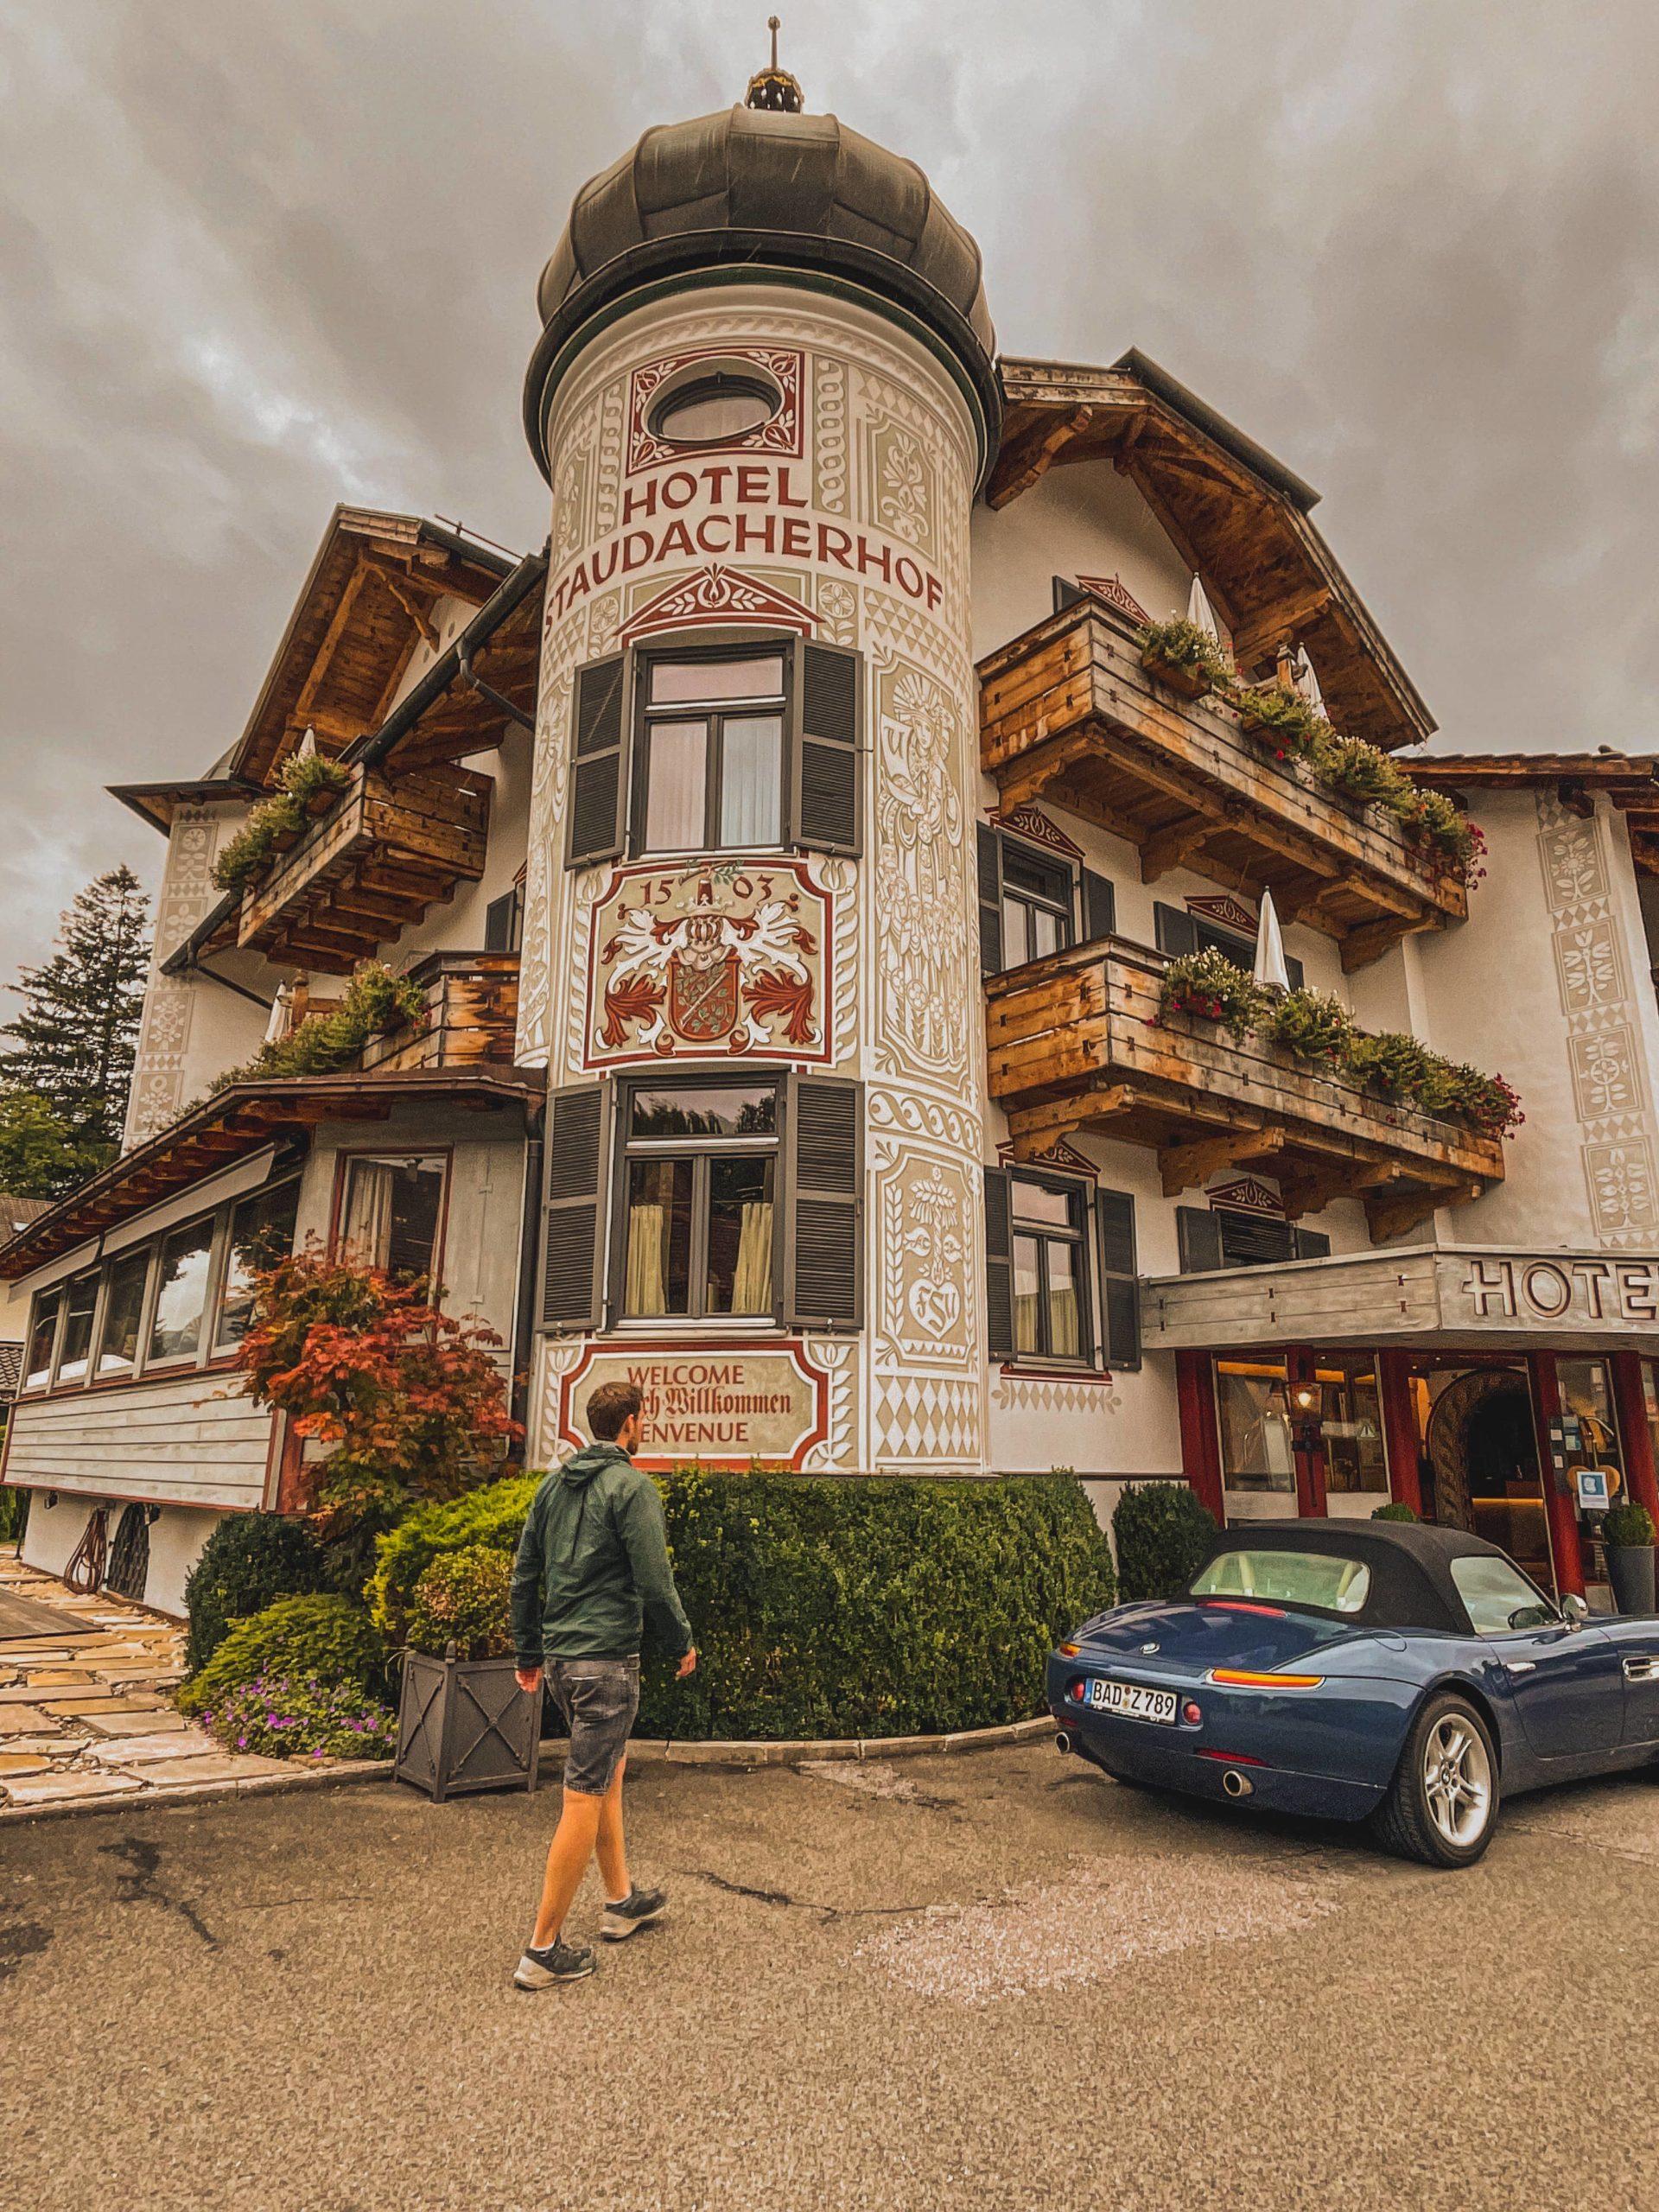 hotel Staudarcherhof garmirsch